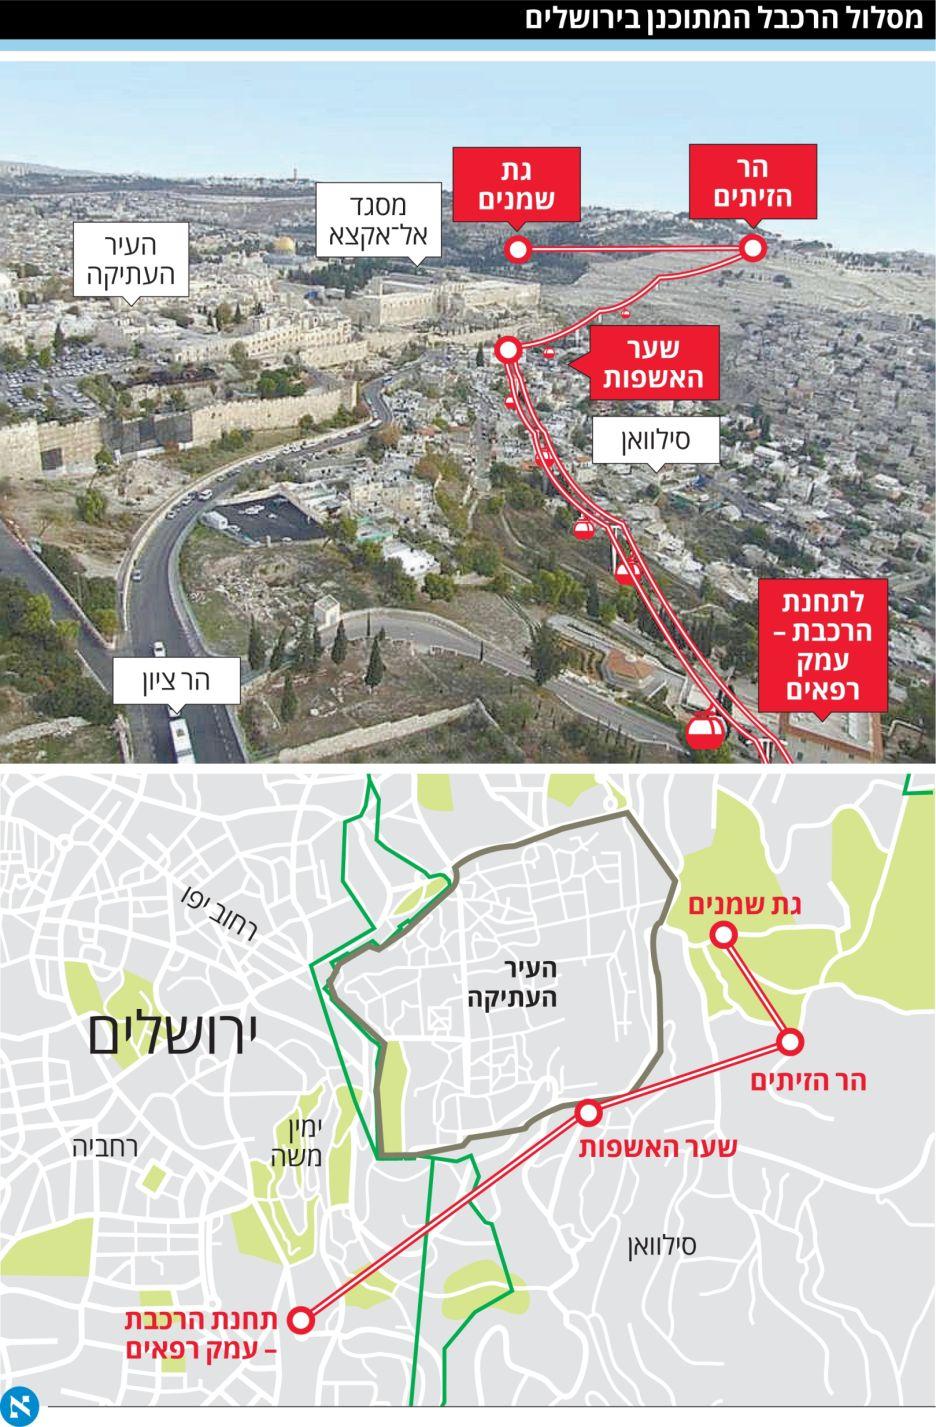 القدس: بلدية الاحتلال تستأنف مشروع سلال معلقة مع جمعية استيطانية